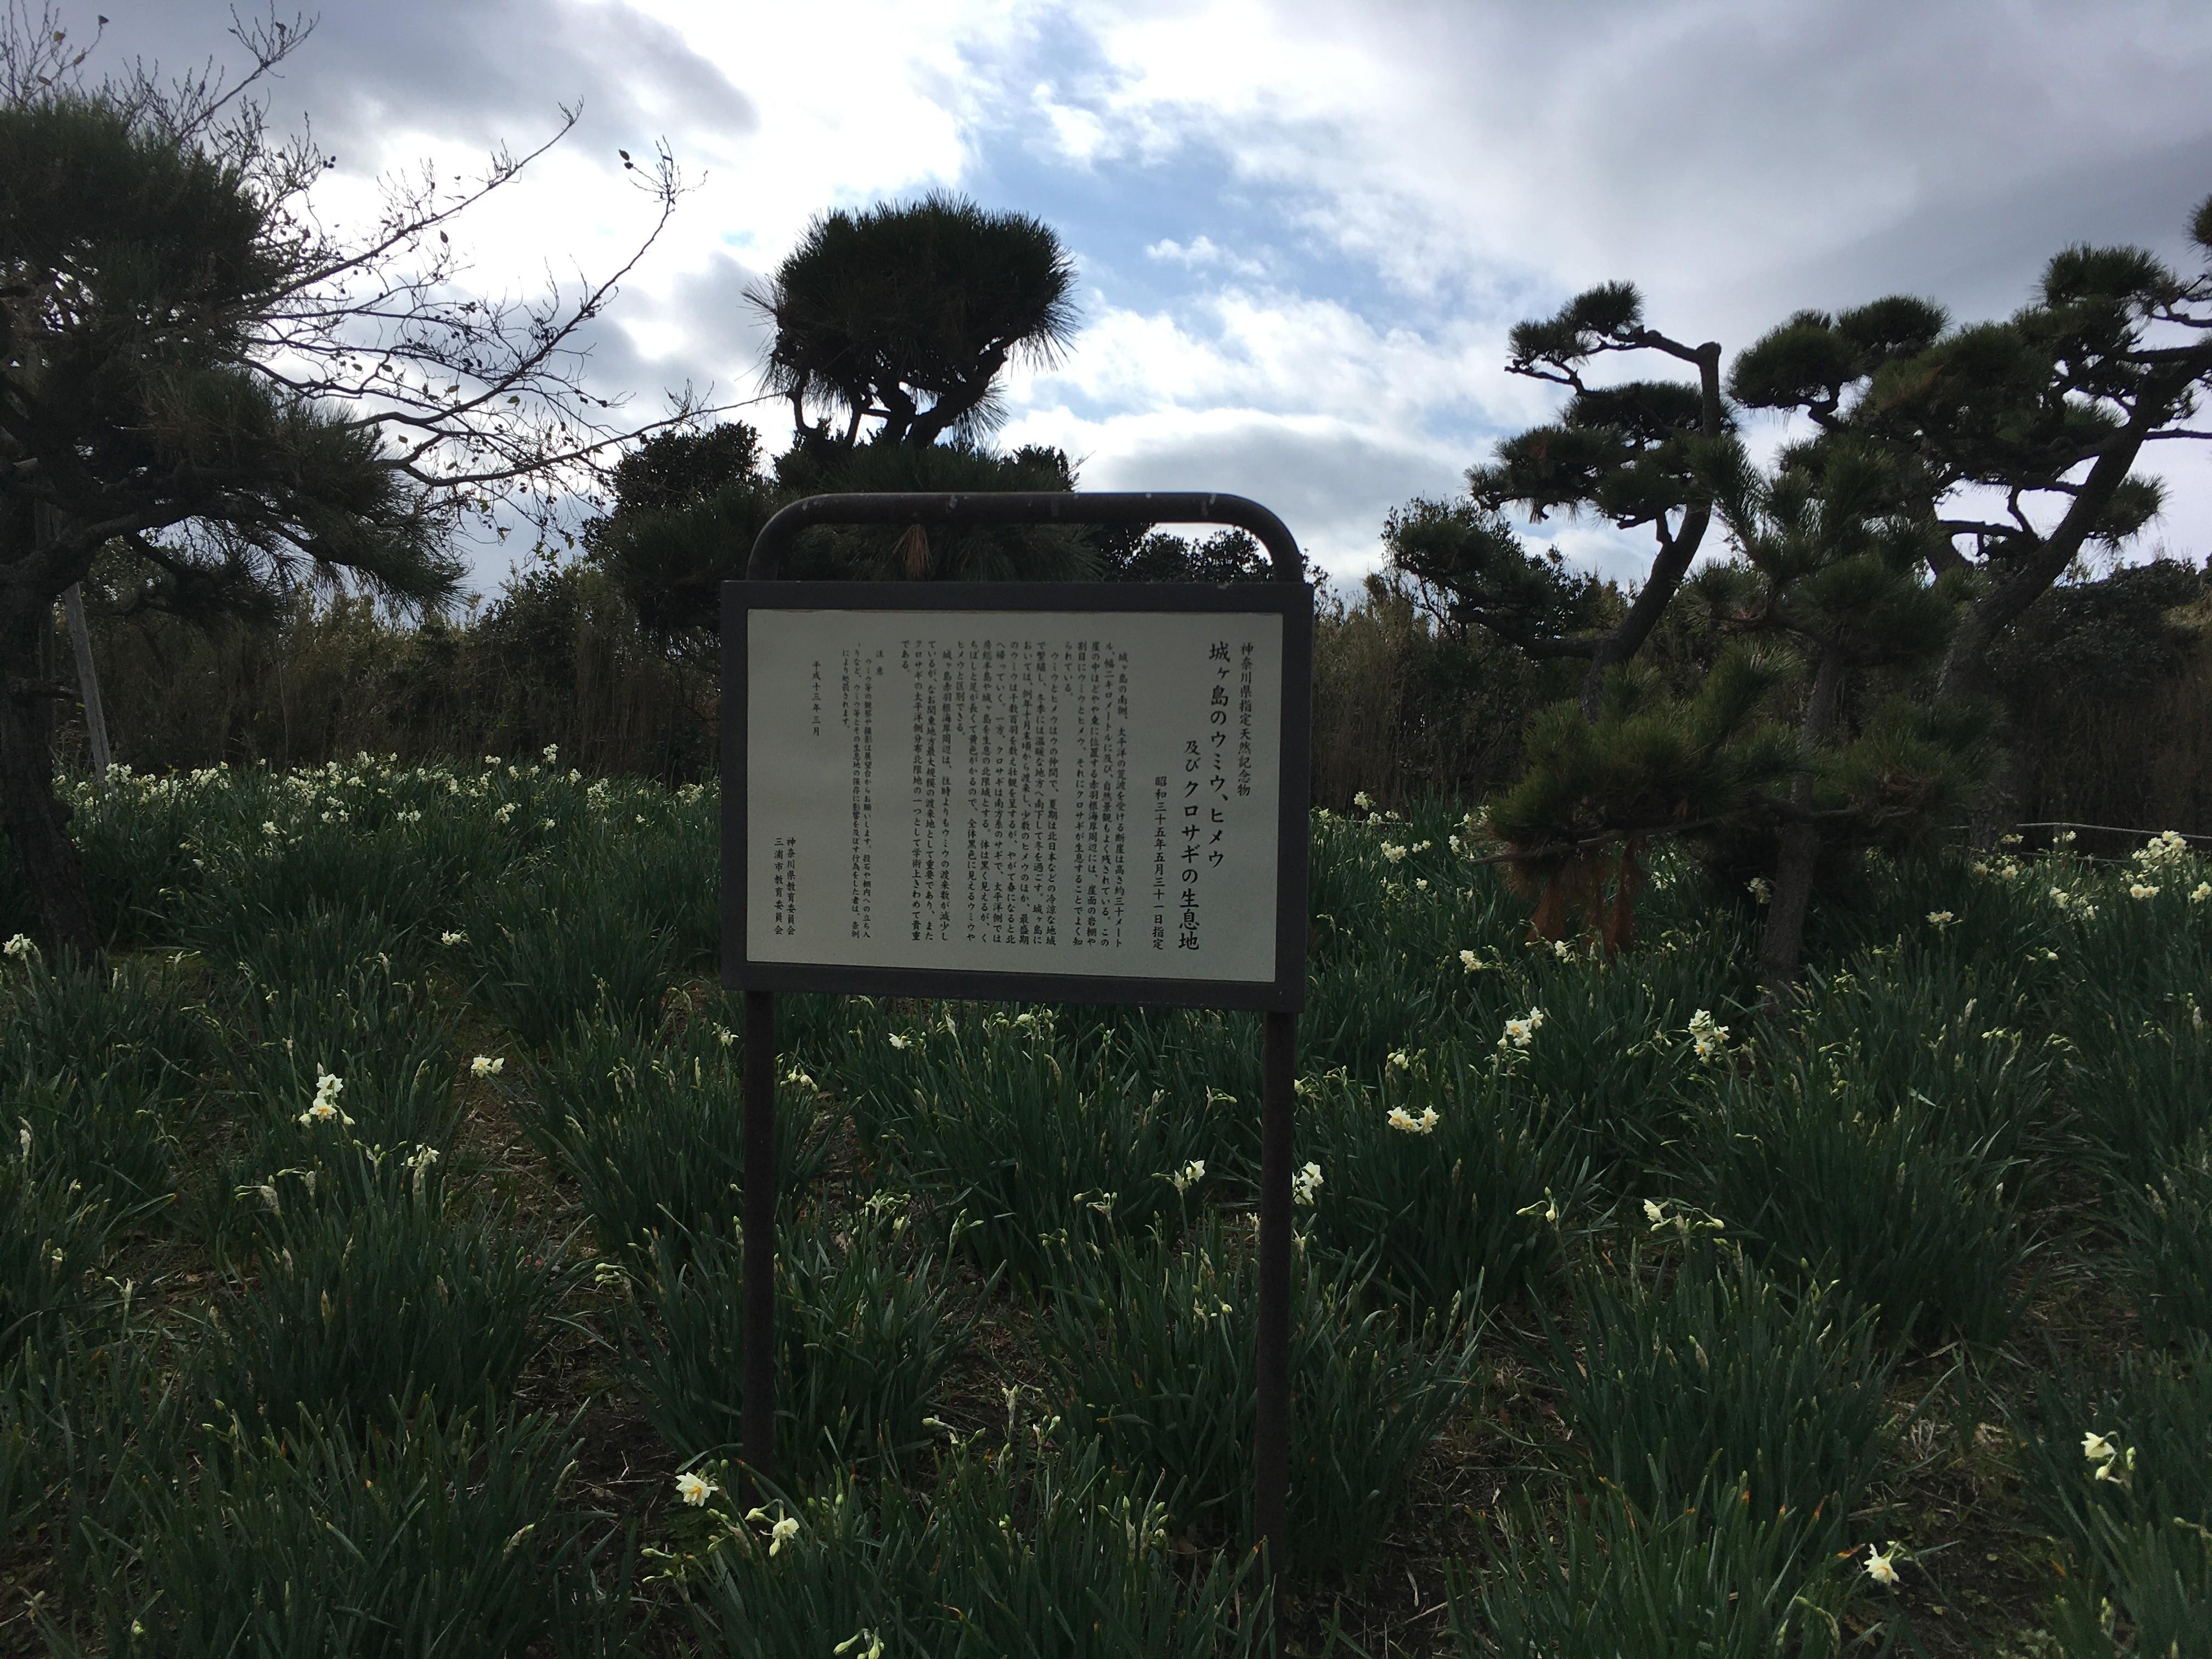 城ヶ島のウミウ、ヒメウ及びクロサギの生息地